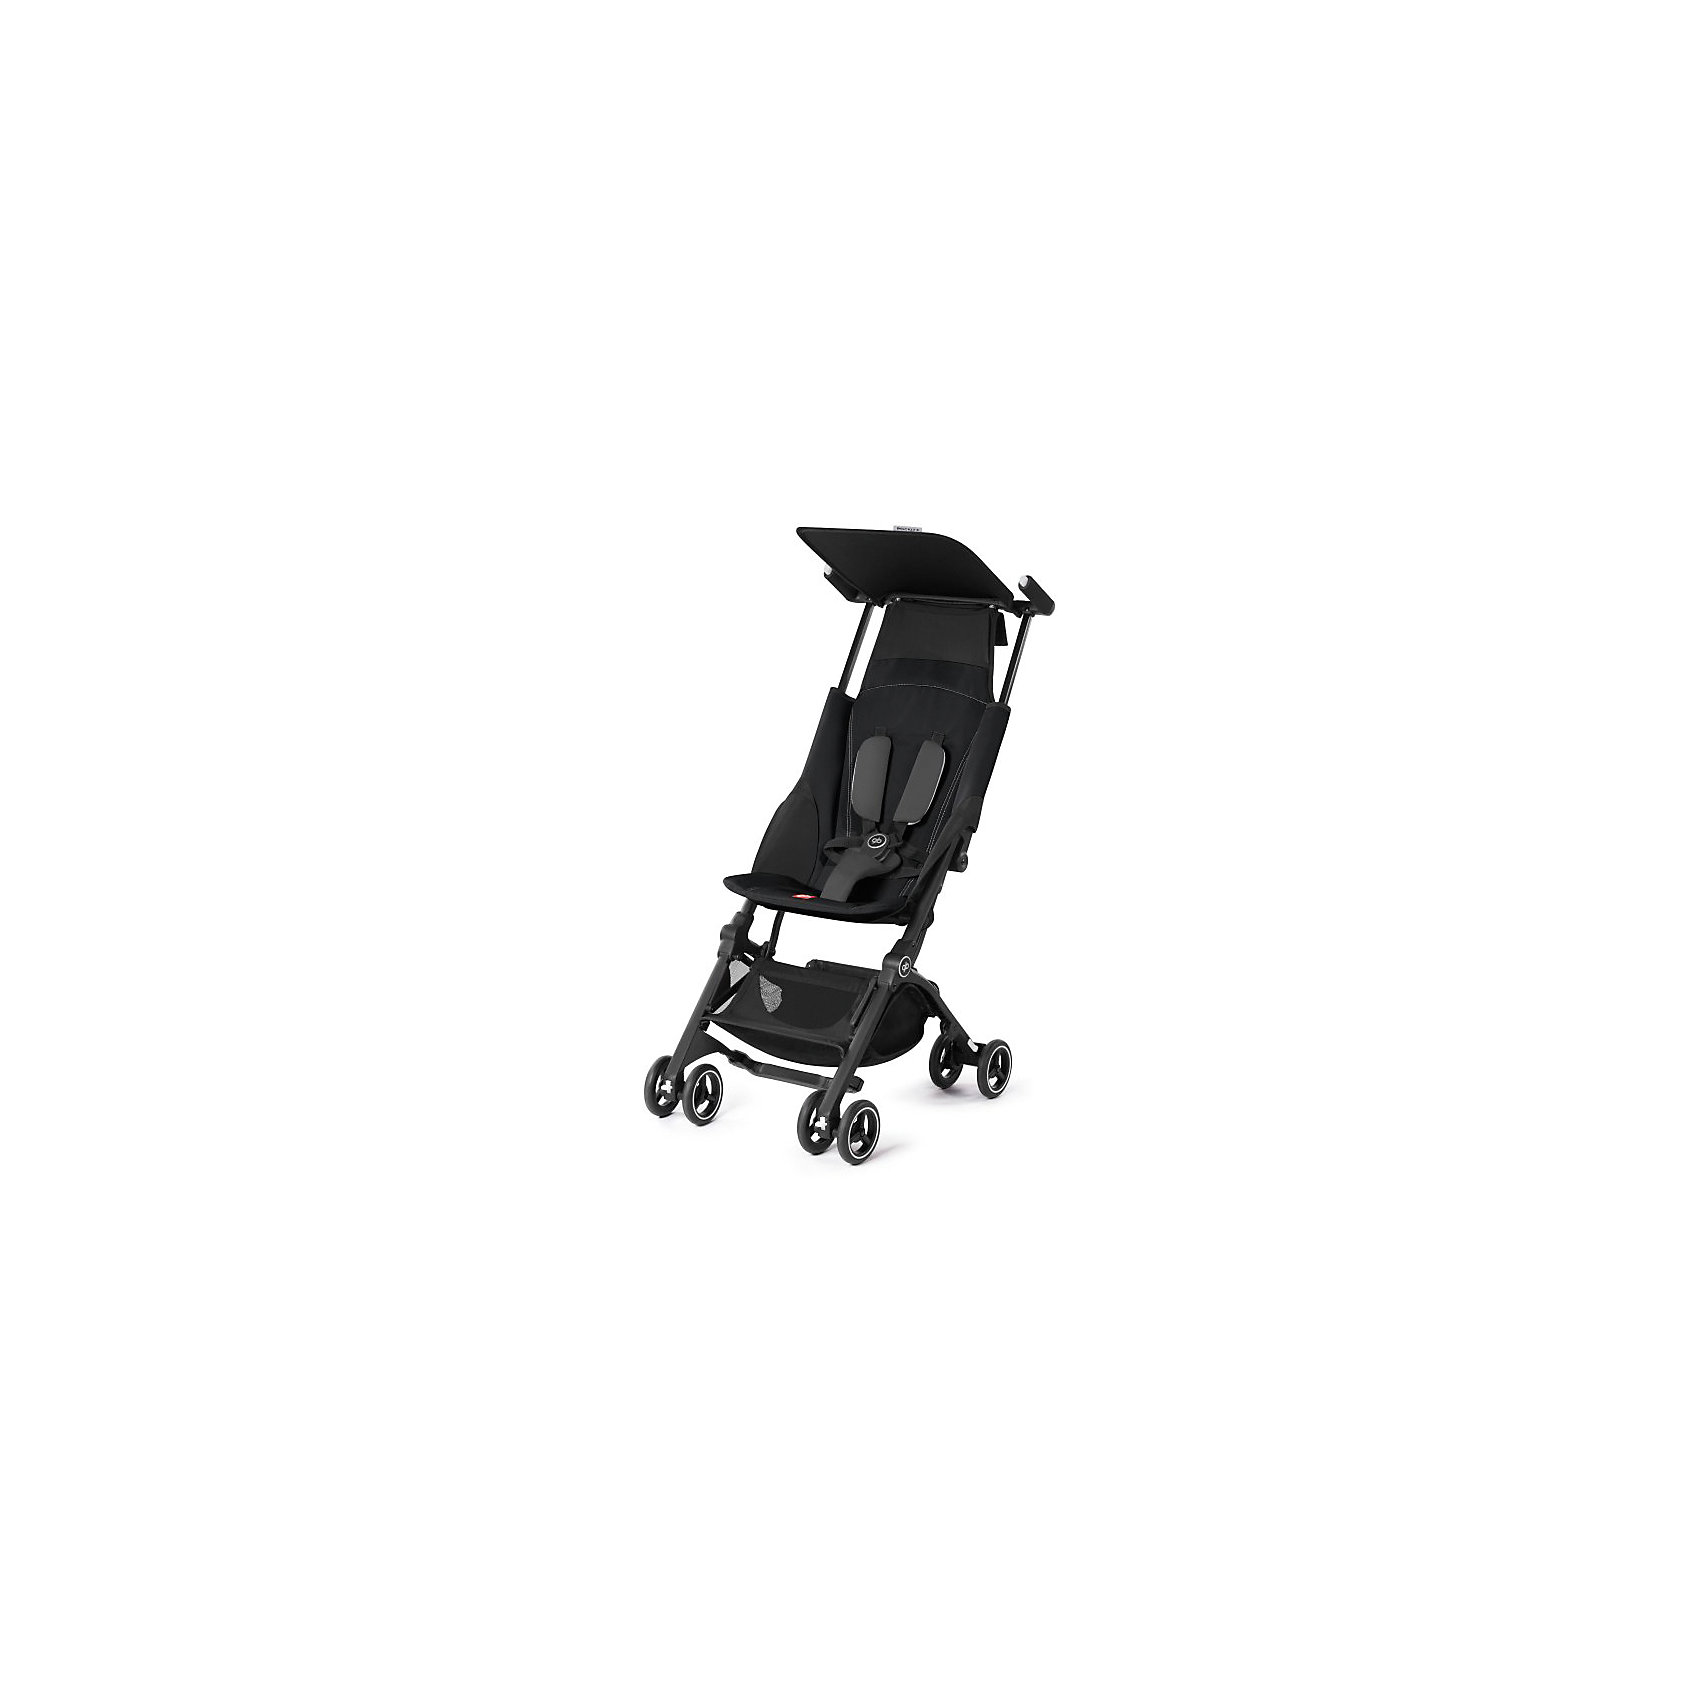 Прогулочная коляска GB pockit +, Monnument Black